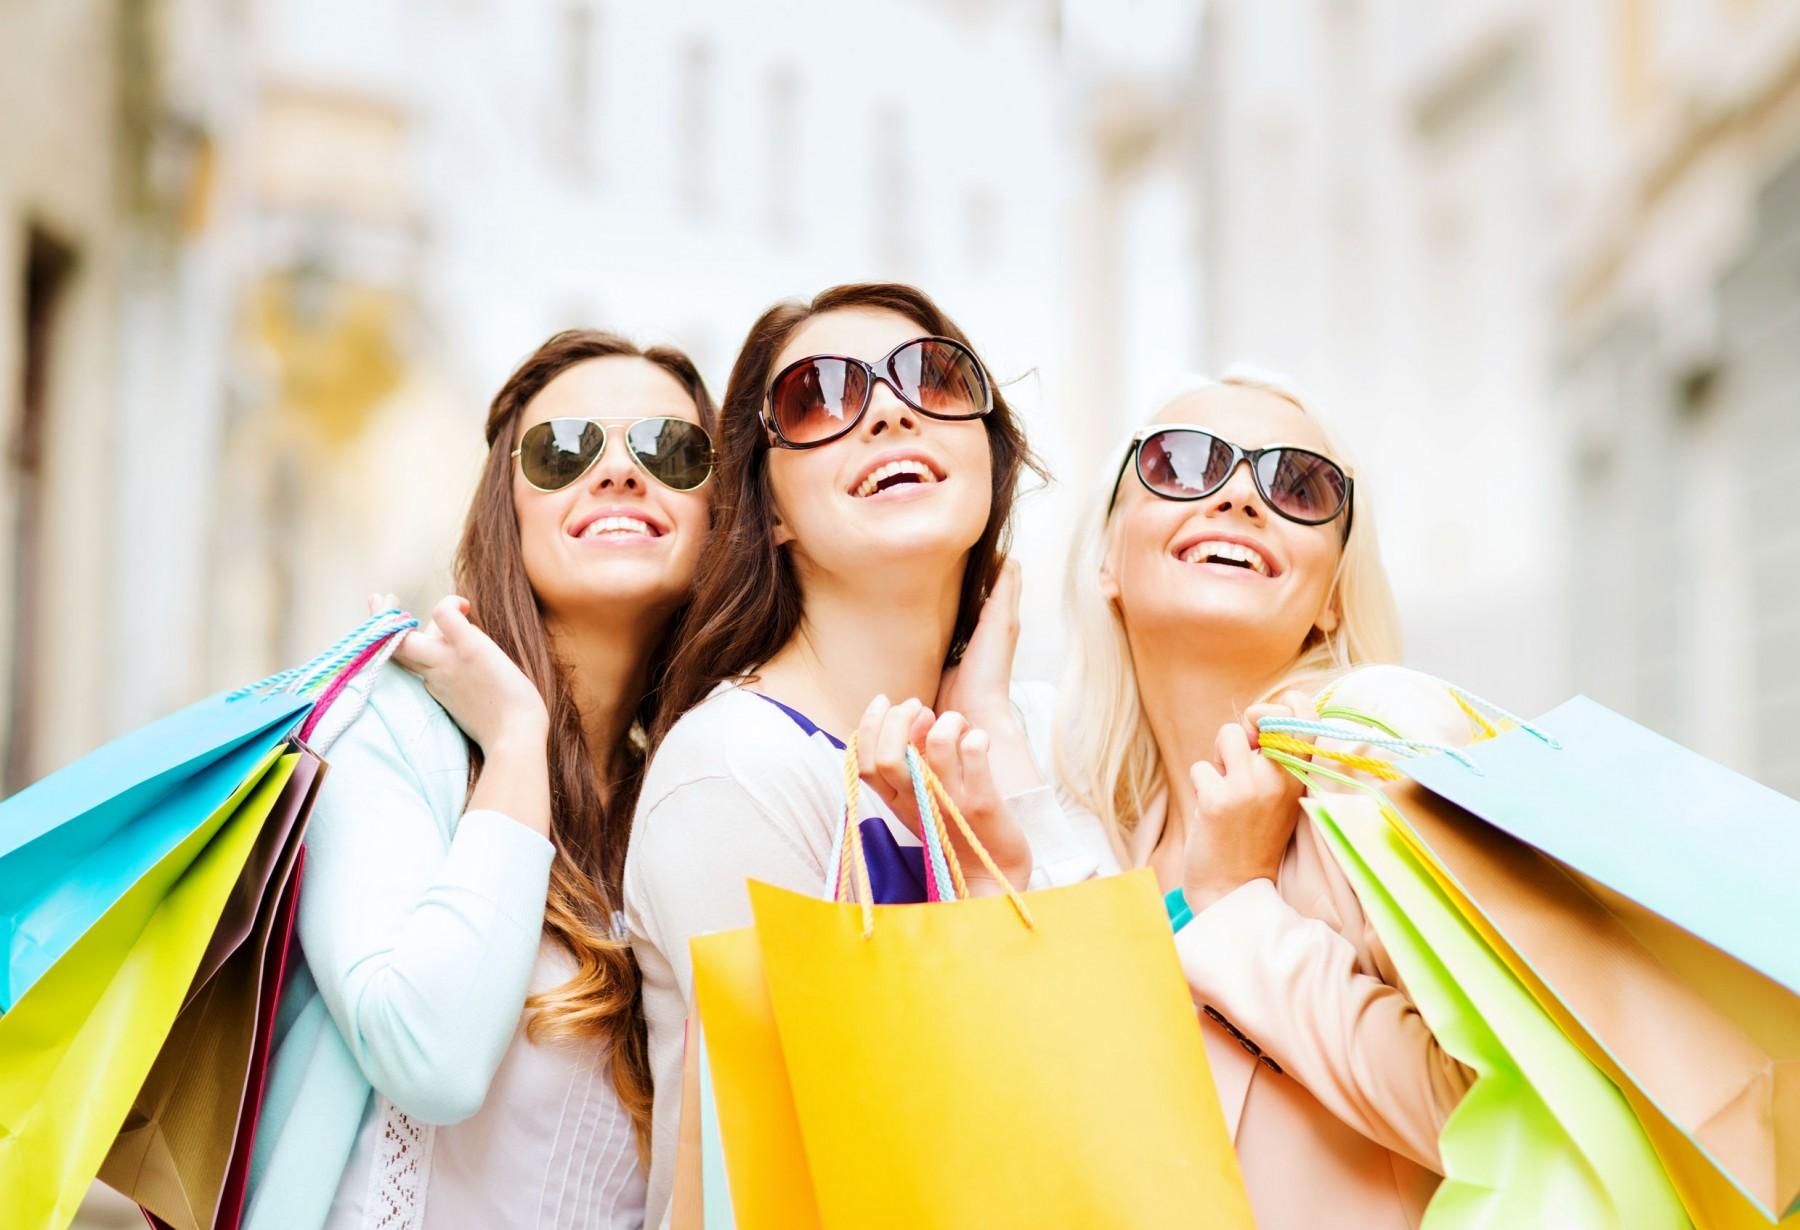 как правильно подбирать одежду по своей фигуре, как составить базовый и капсульный гардероб, как сочетать цвета в одежде, как подбирать аксессуары, как разбирать гардероб, как превратить шоппинг в удовольствие и ежедневневное одевание в увлекательную игру, как сделать свой лукбук, как стать женственной и стильной женщиной